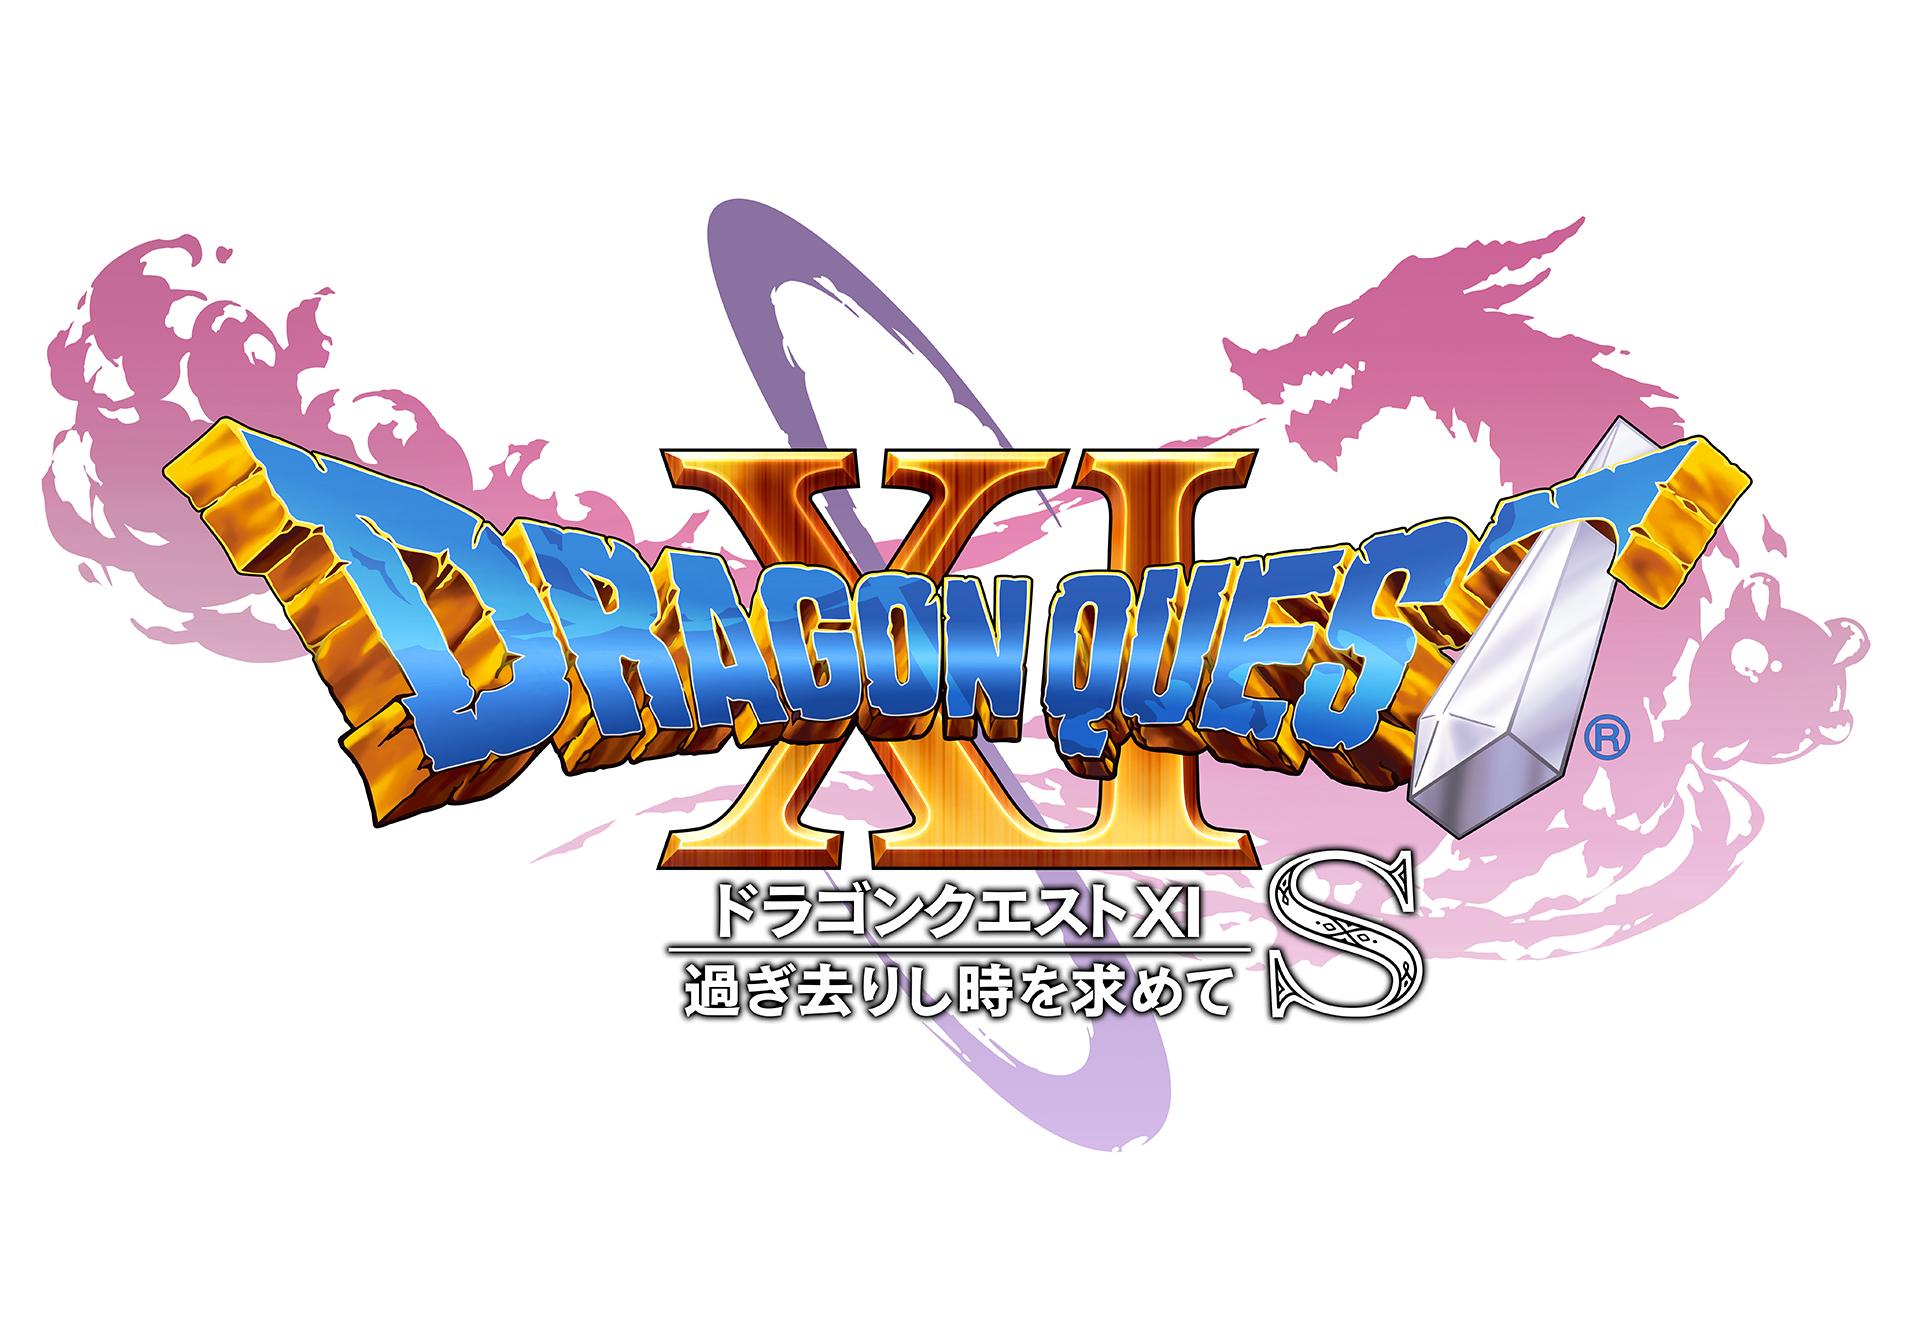 Switch版「ドラゴンクエストXI S」が期間限定で43%オフに! - GAME Watch